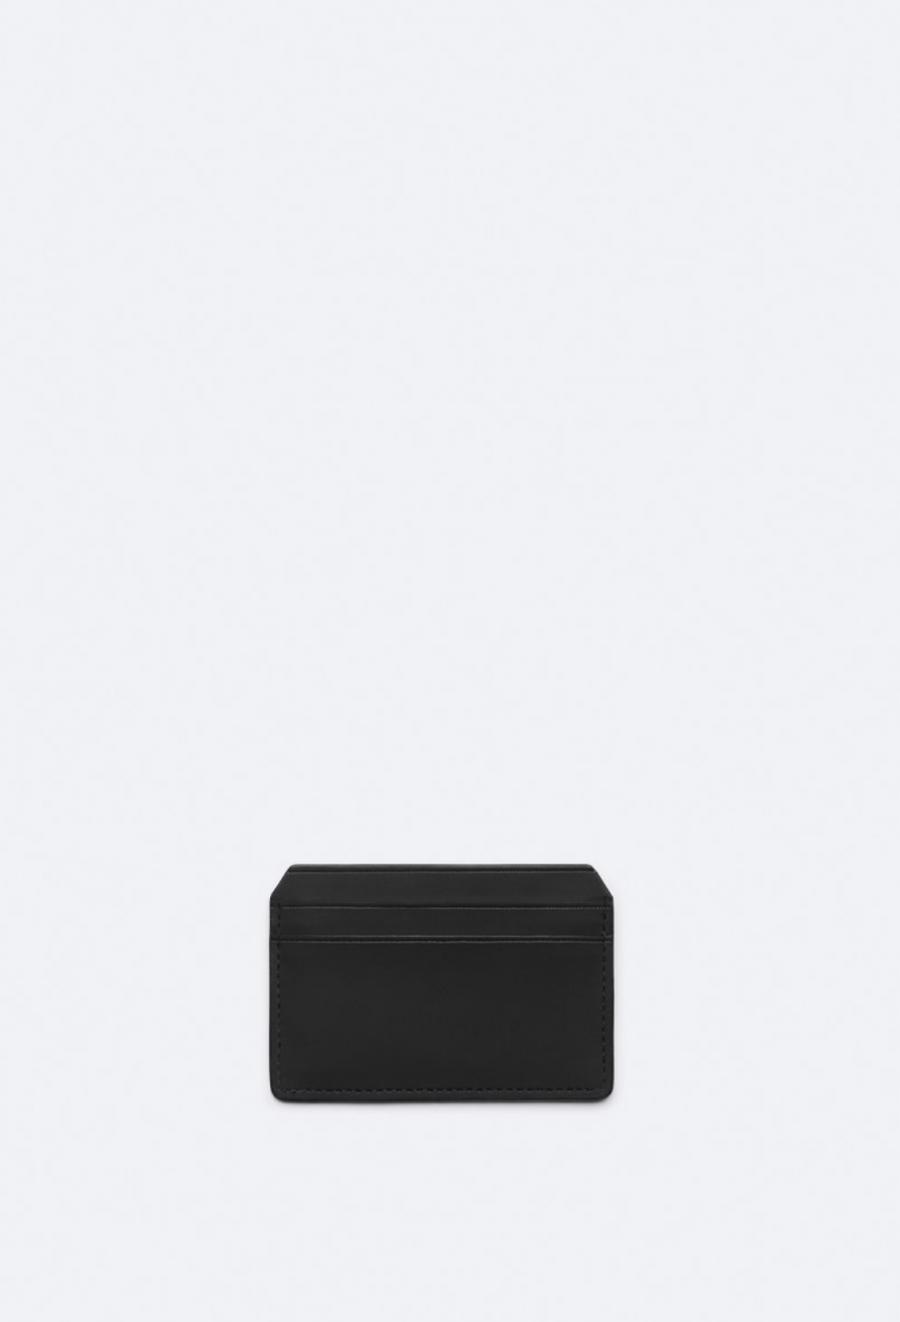 Screenshot 2021-04-20 at 16.43.06